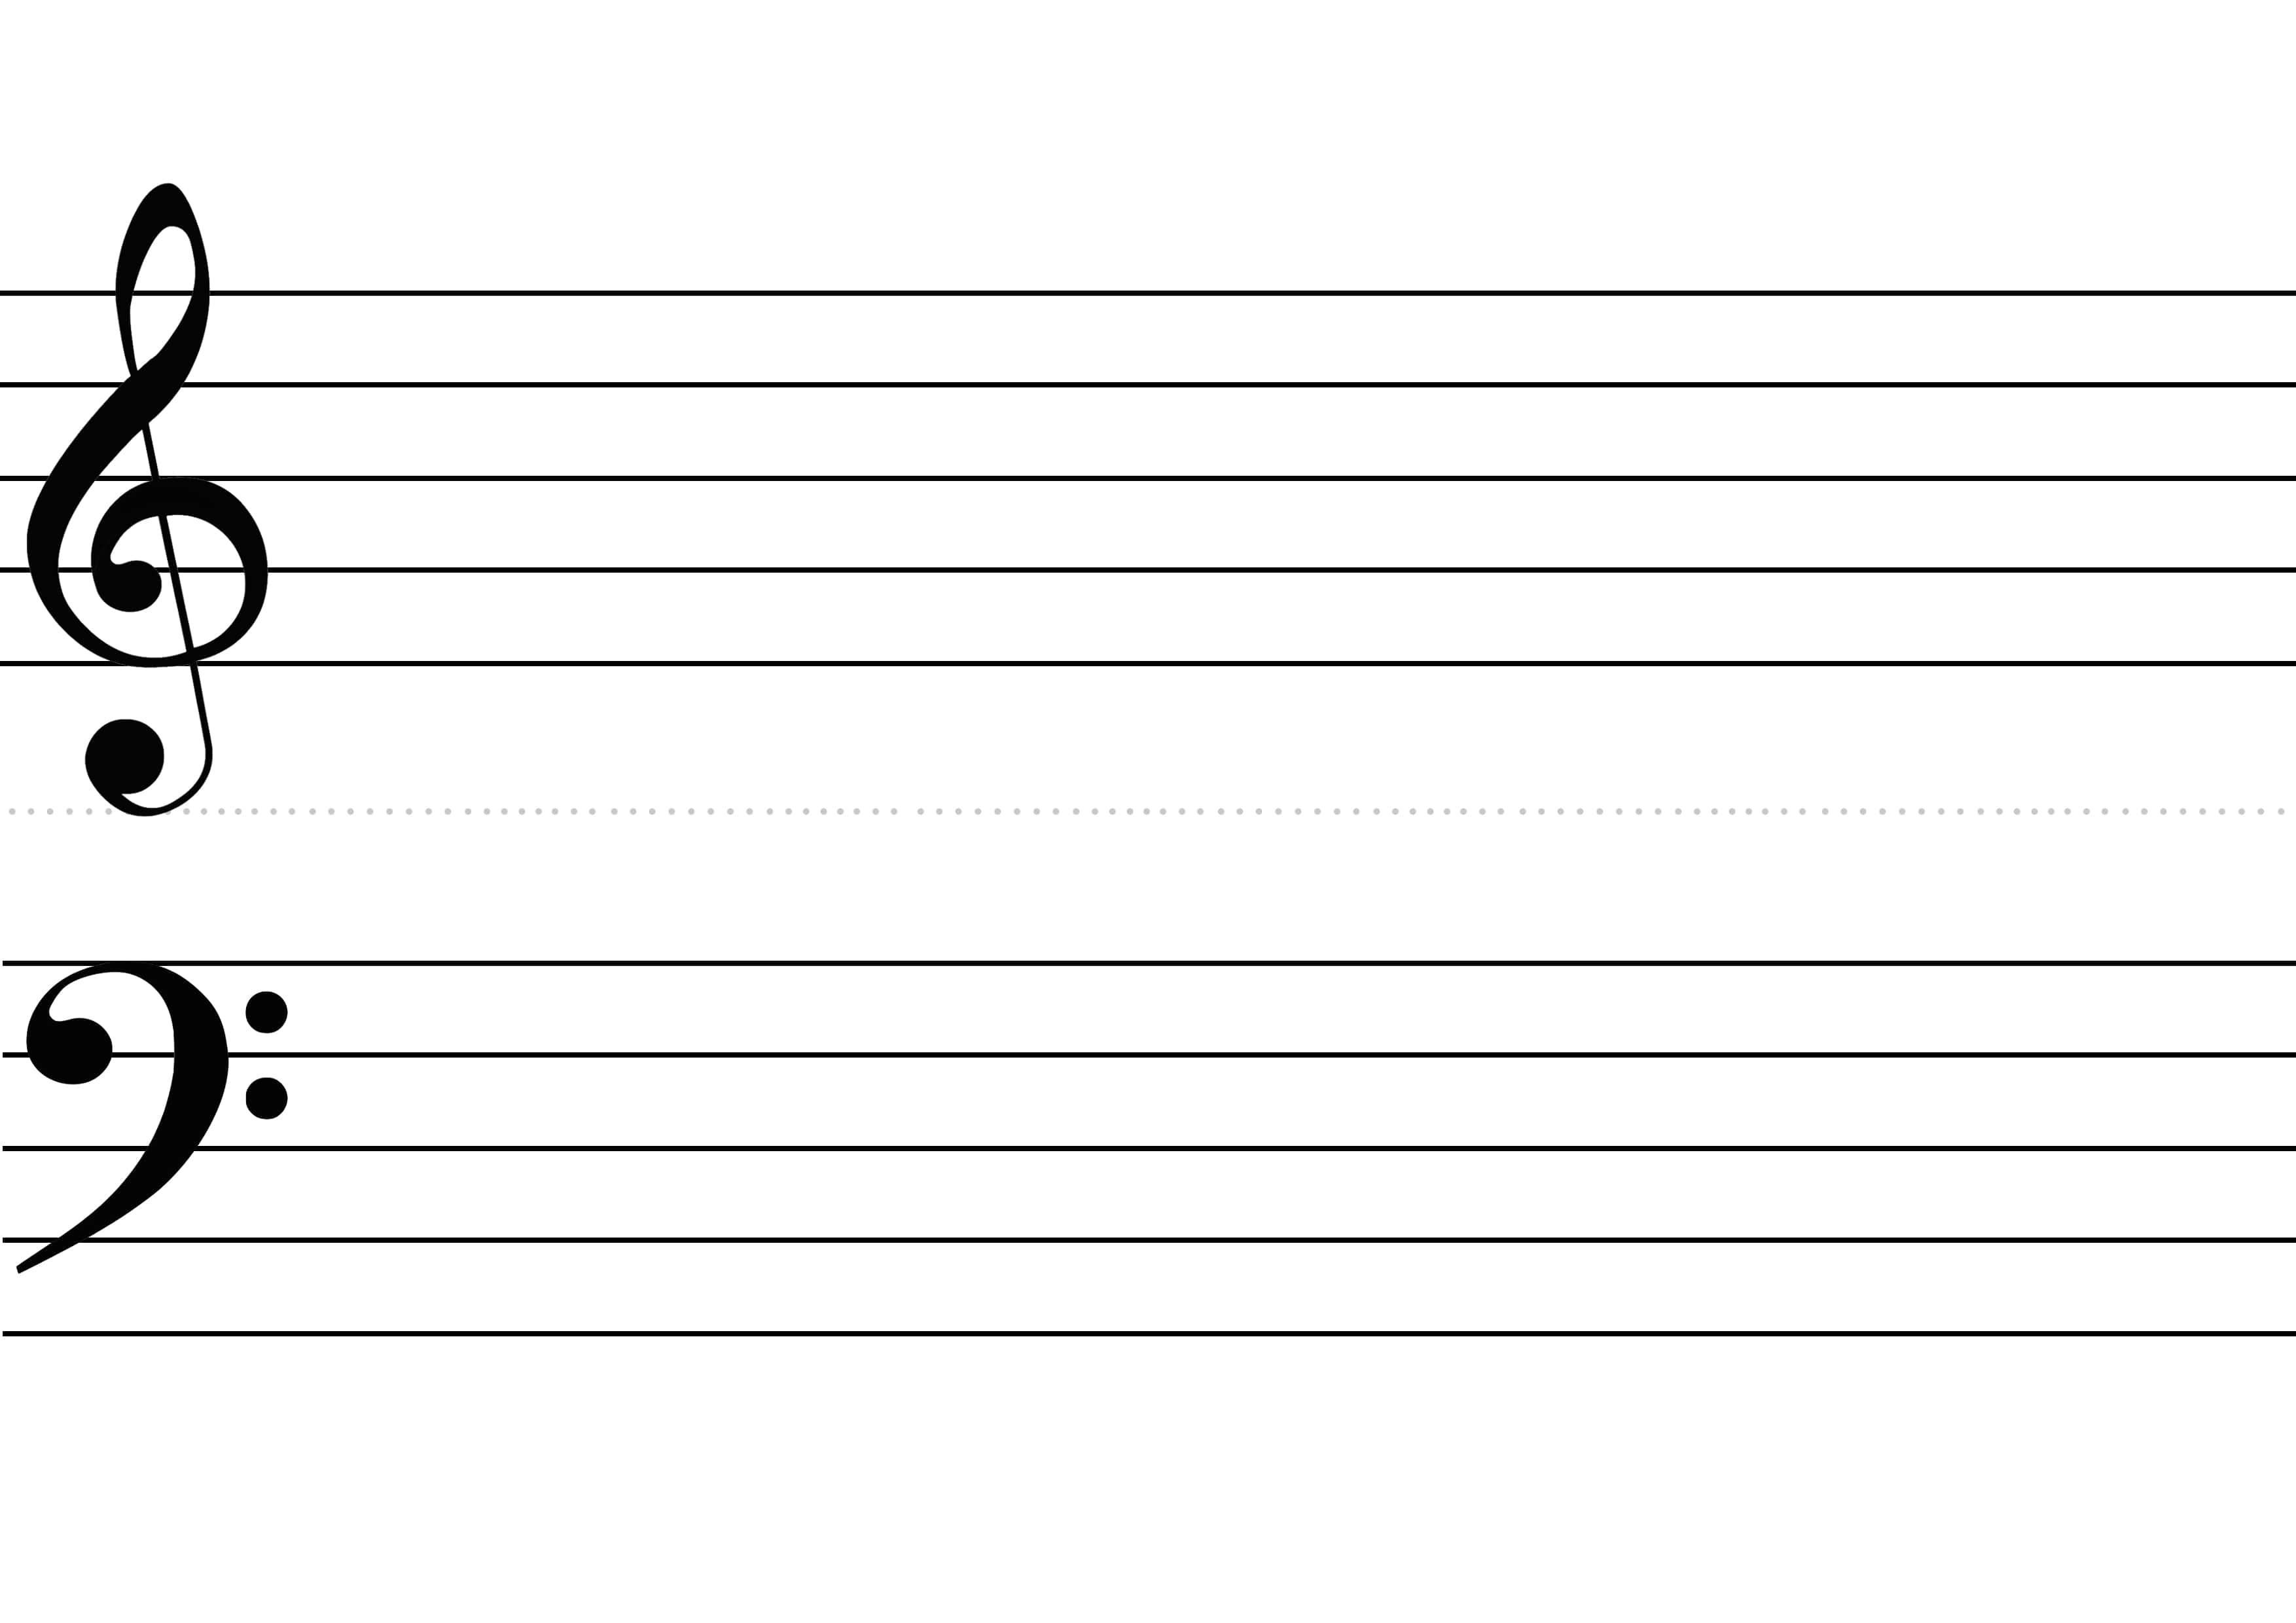 Feuille de partition vierge ks43 montrealeast - Feuille de musique a imprimer ...